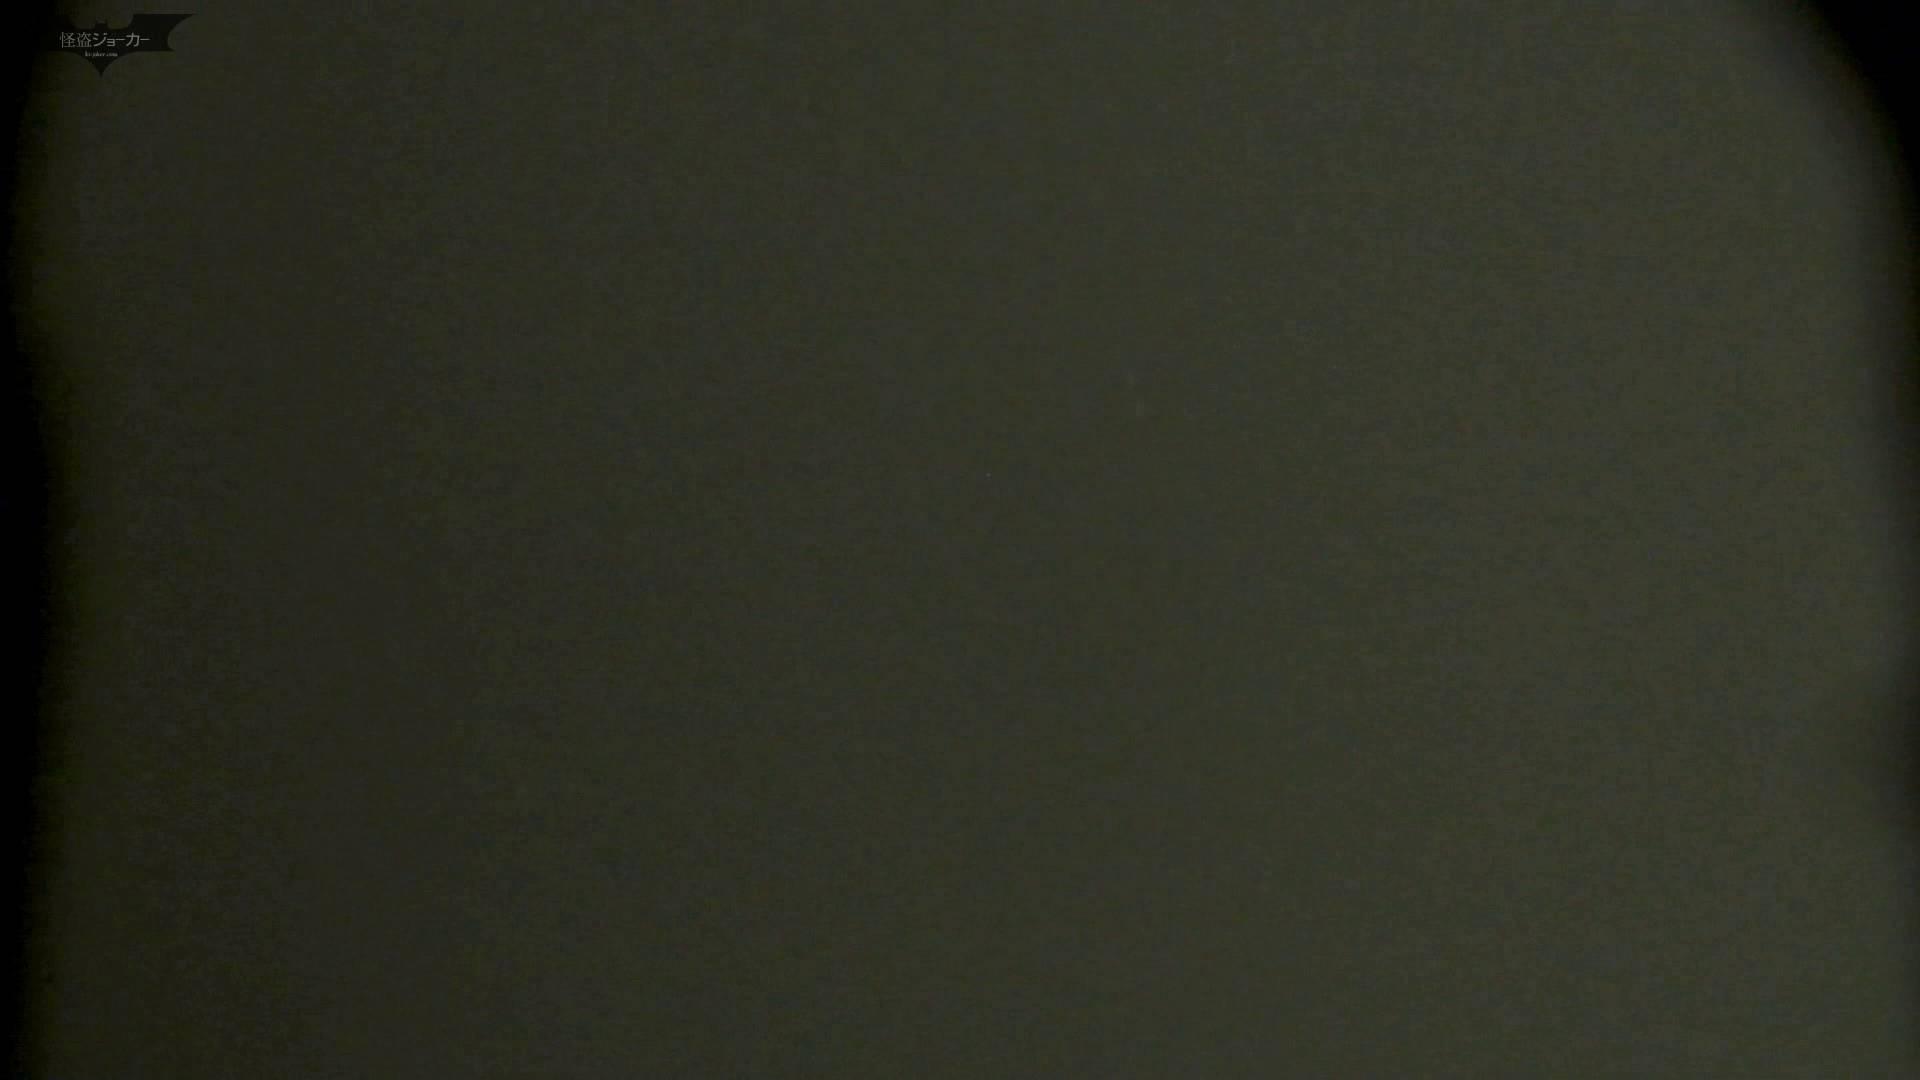 洗面所特攻隊vol.63 慌てる。「46」で登場した子【2015・20位】 高画質 セックス無修正動画無料 80枚 77